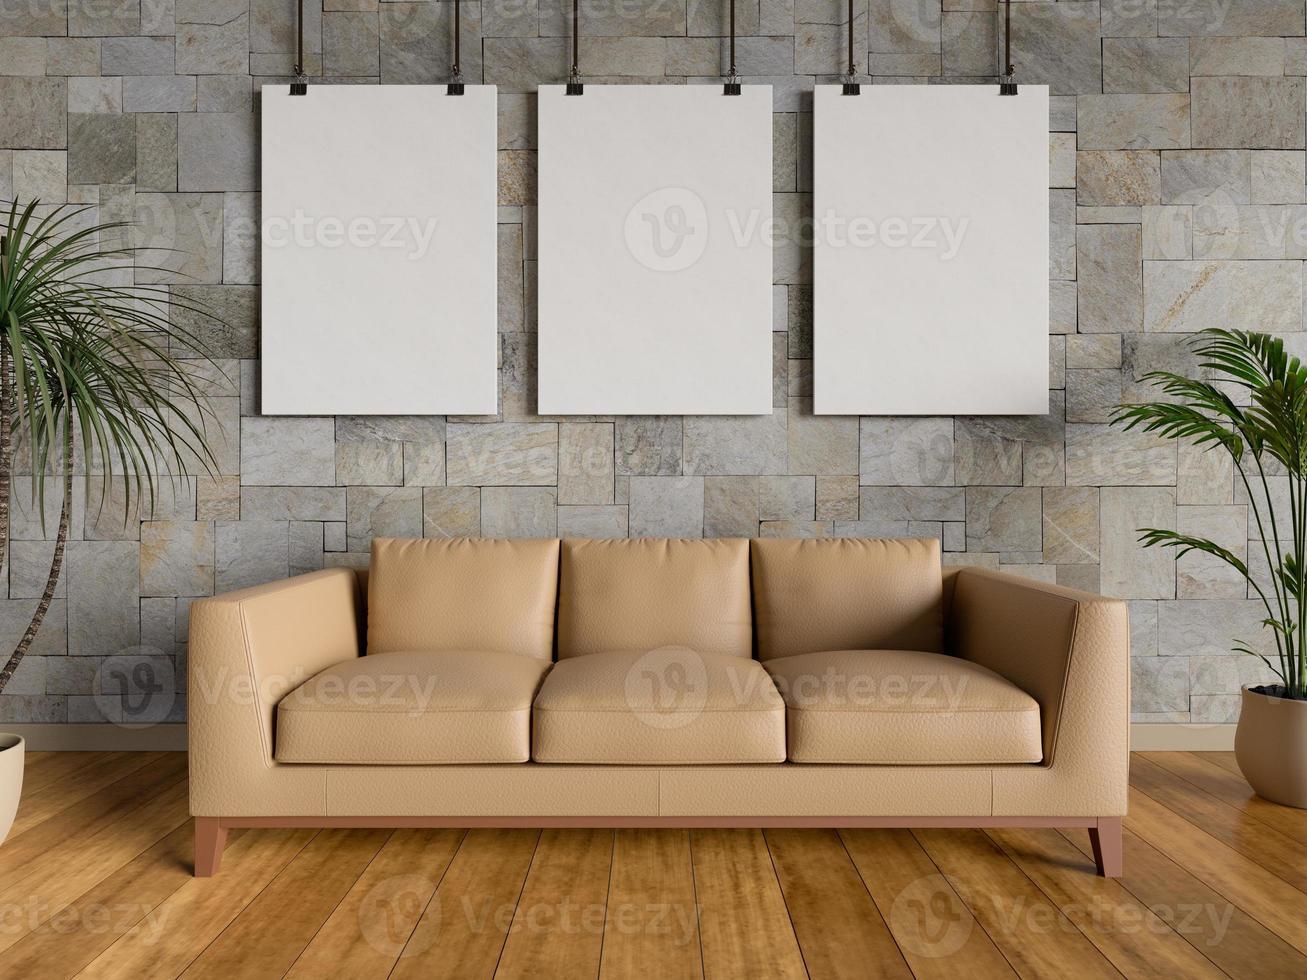 mock up pôsteres na sala de estar, renderização em 3D foto